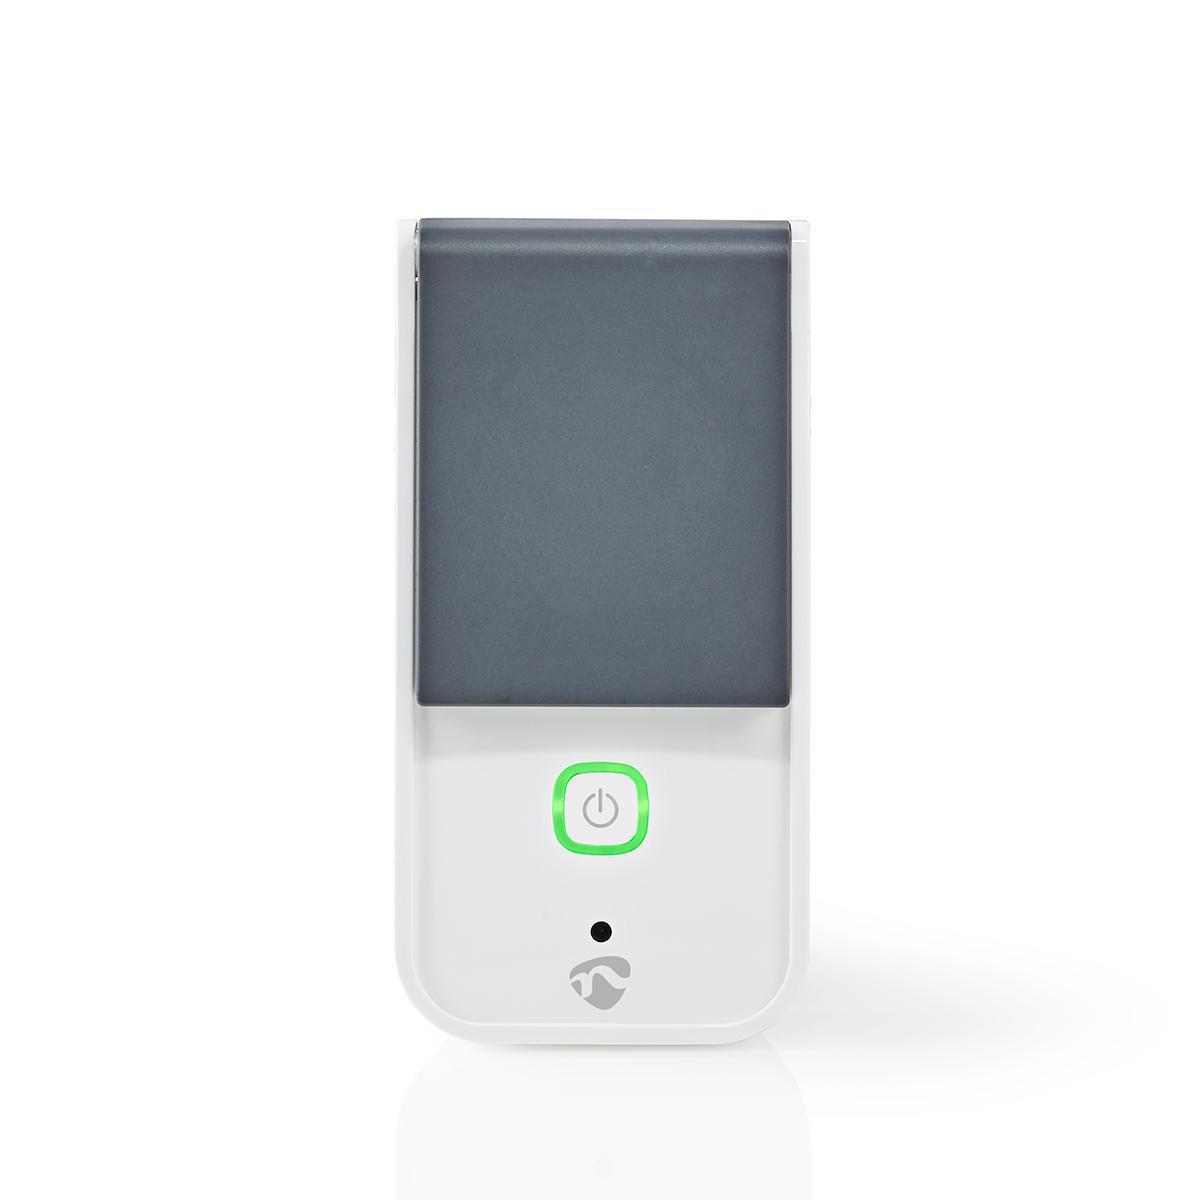 Controlla in remoto qualsiasi dispositivo esterno semplicemente collegandolo a questa presa intelligente wireless e collegando lo smartphone o il tablet al router Wi-Fi. Facile da installare Non è necessario essere un miracolo tecnico o un elettricista pe